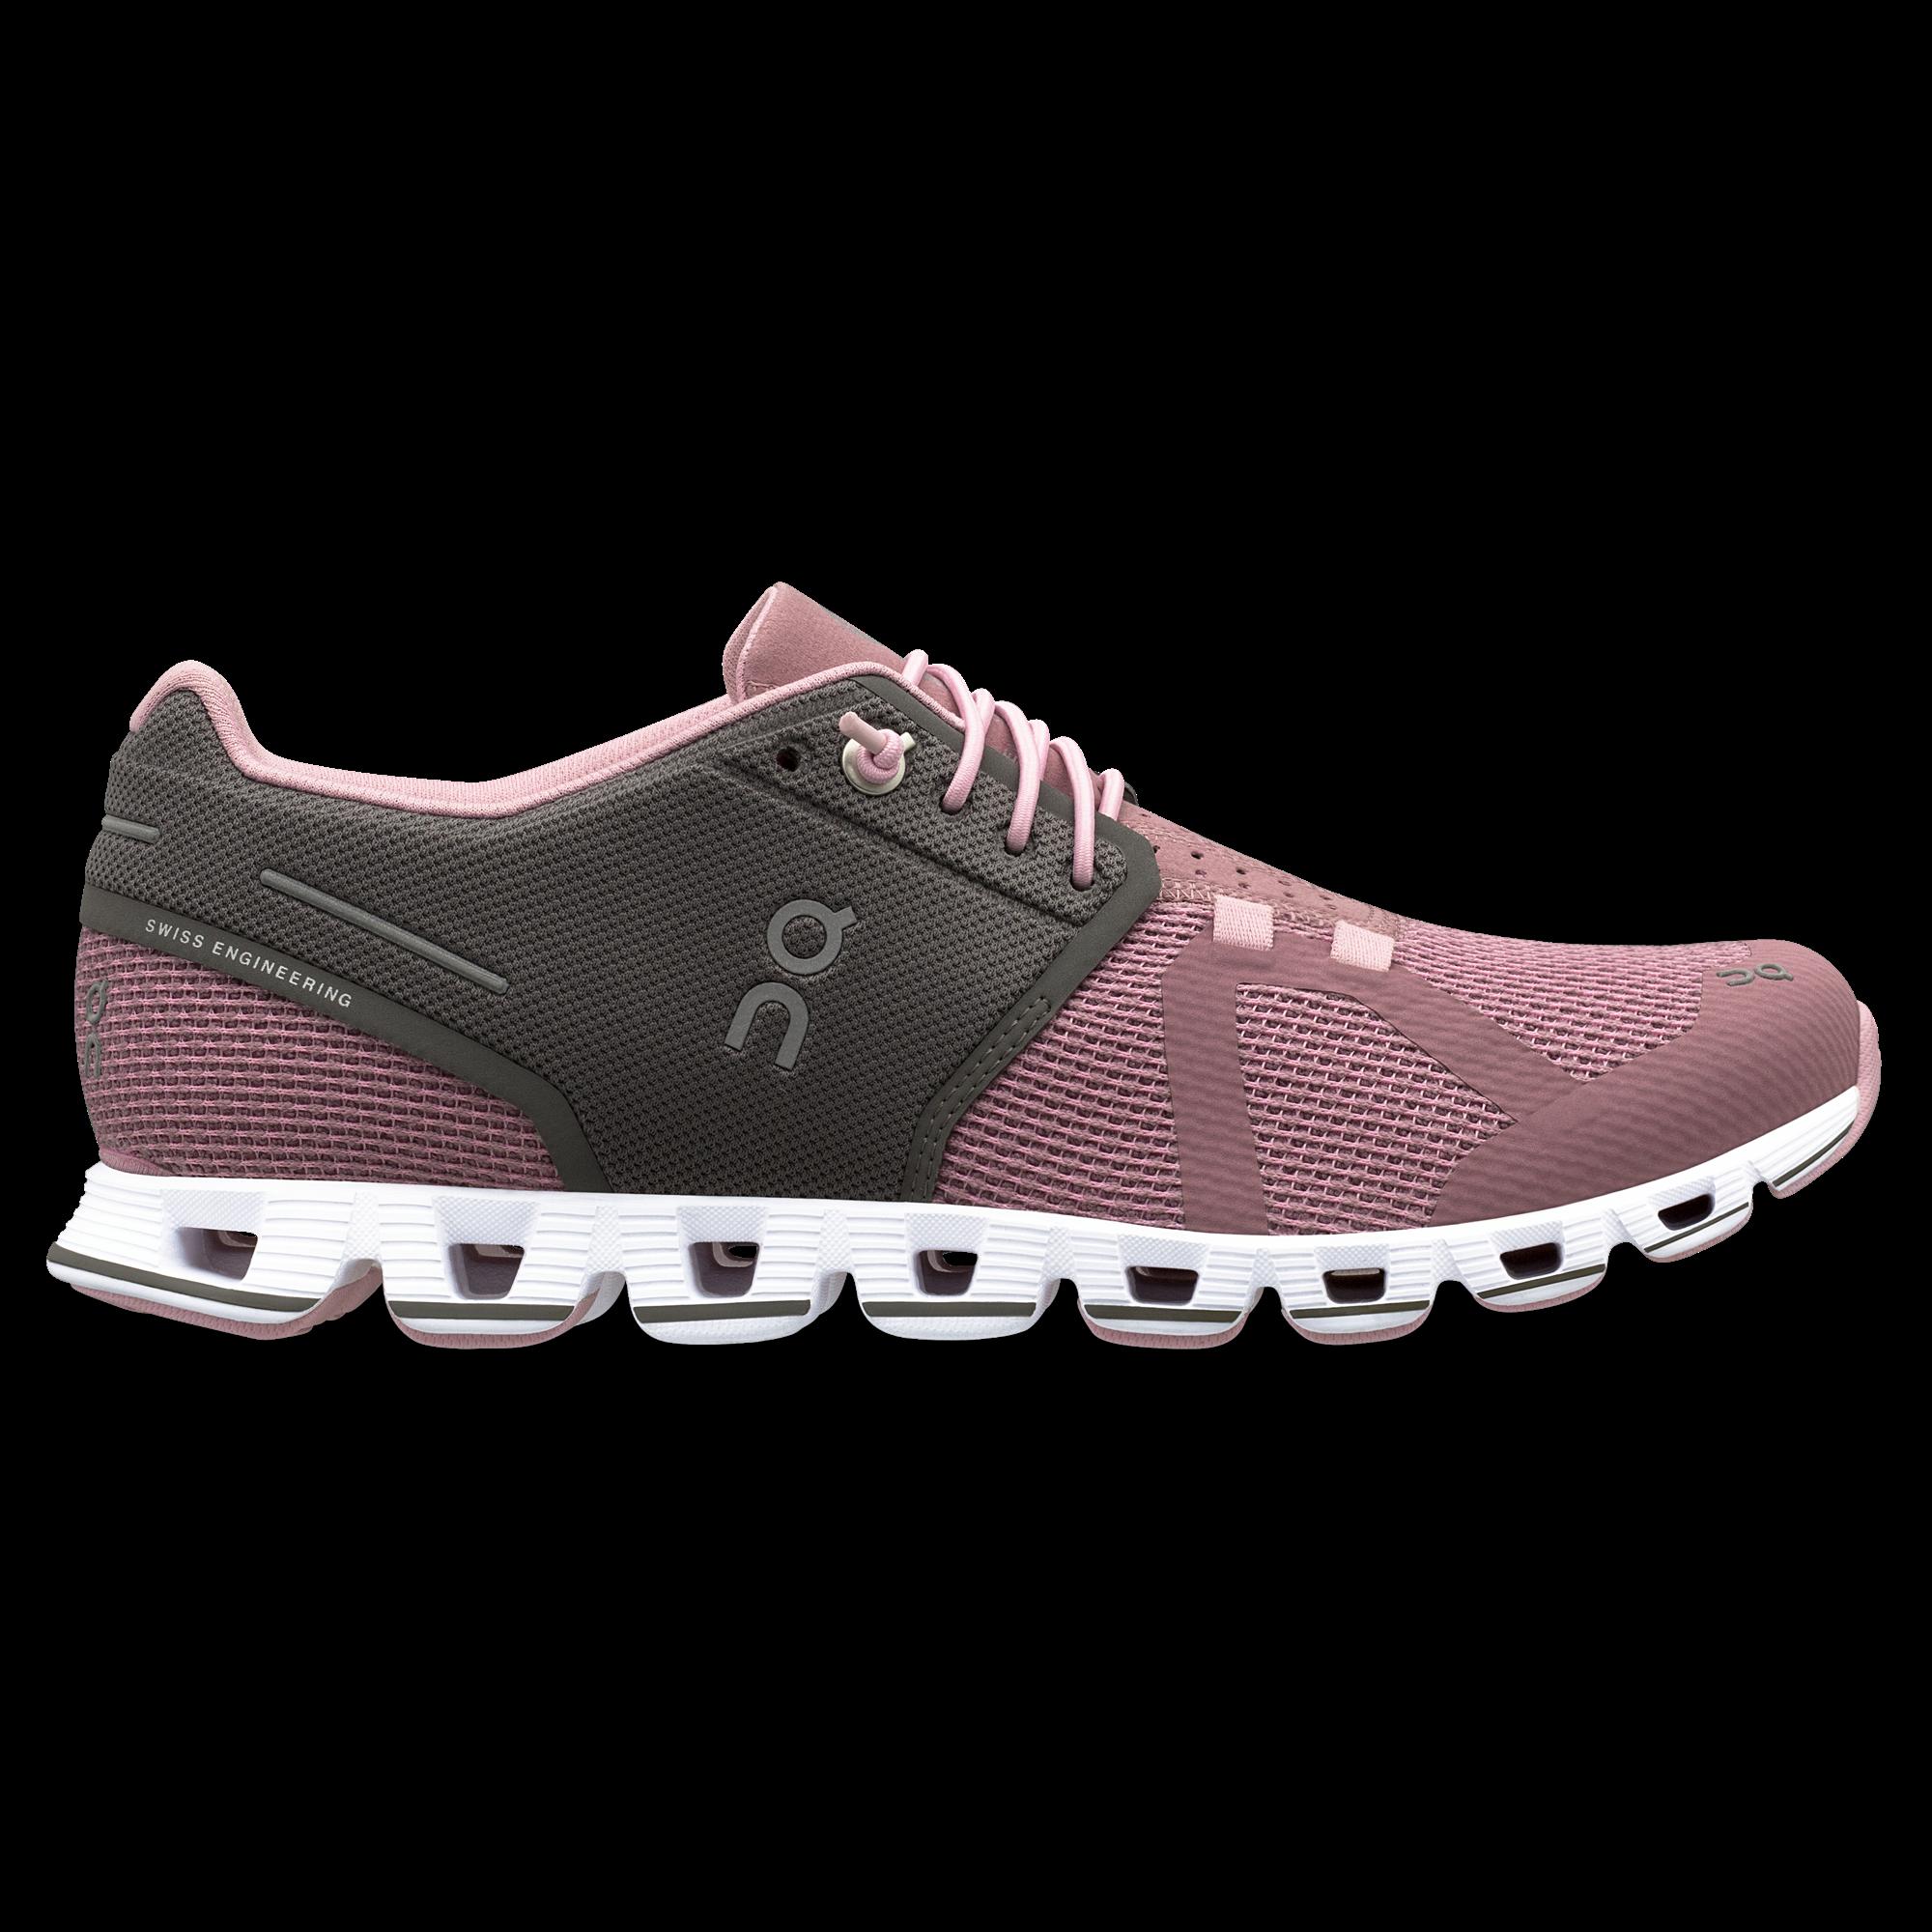 Cloud - Lightweight Running Shoe | On